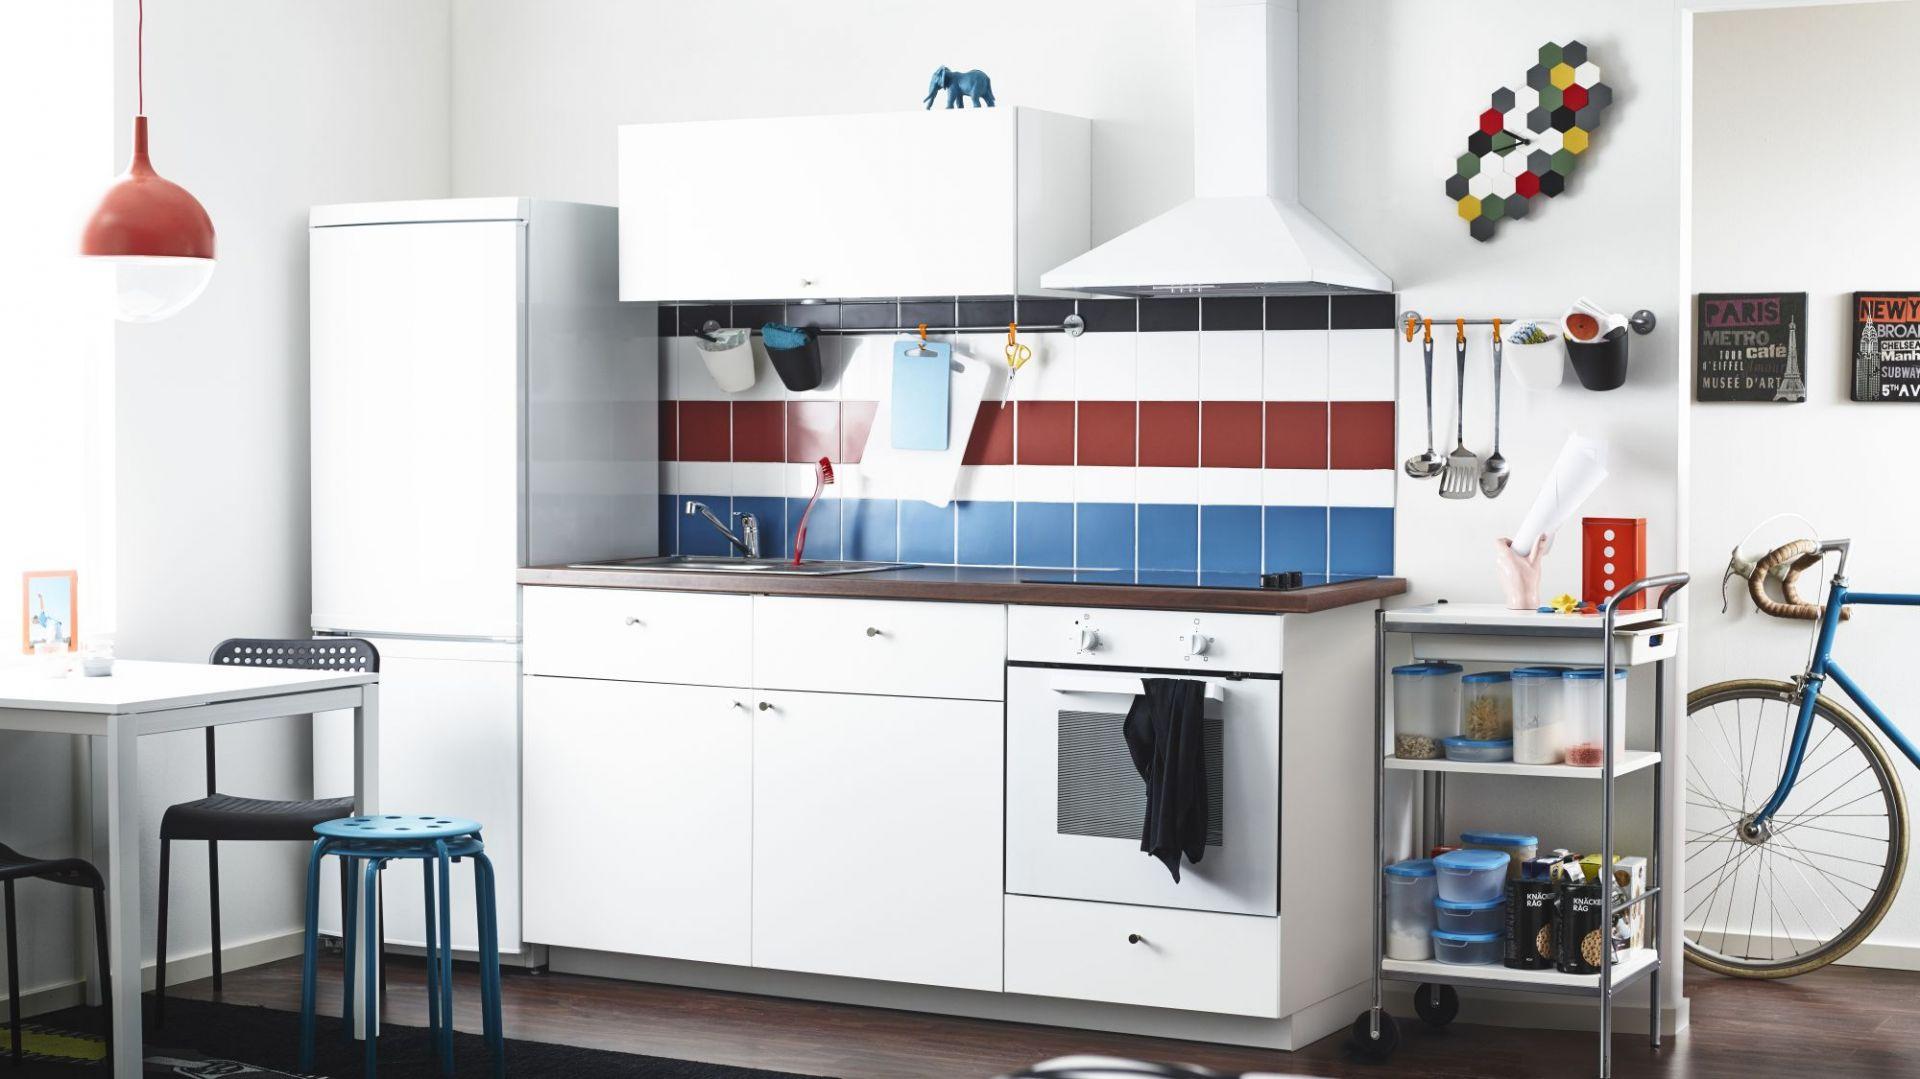 Kuchnia dostępna w ramach linii Metod. Cena zestawu podstawowego wynosi 1.199 zł. Fot. Ikea